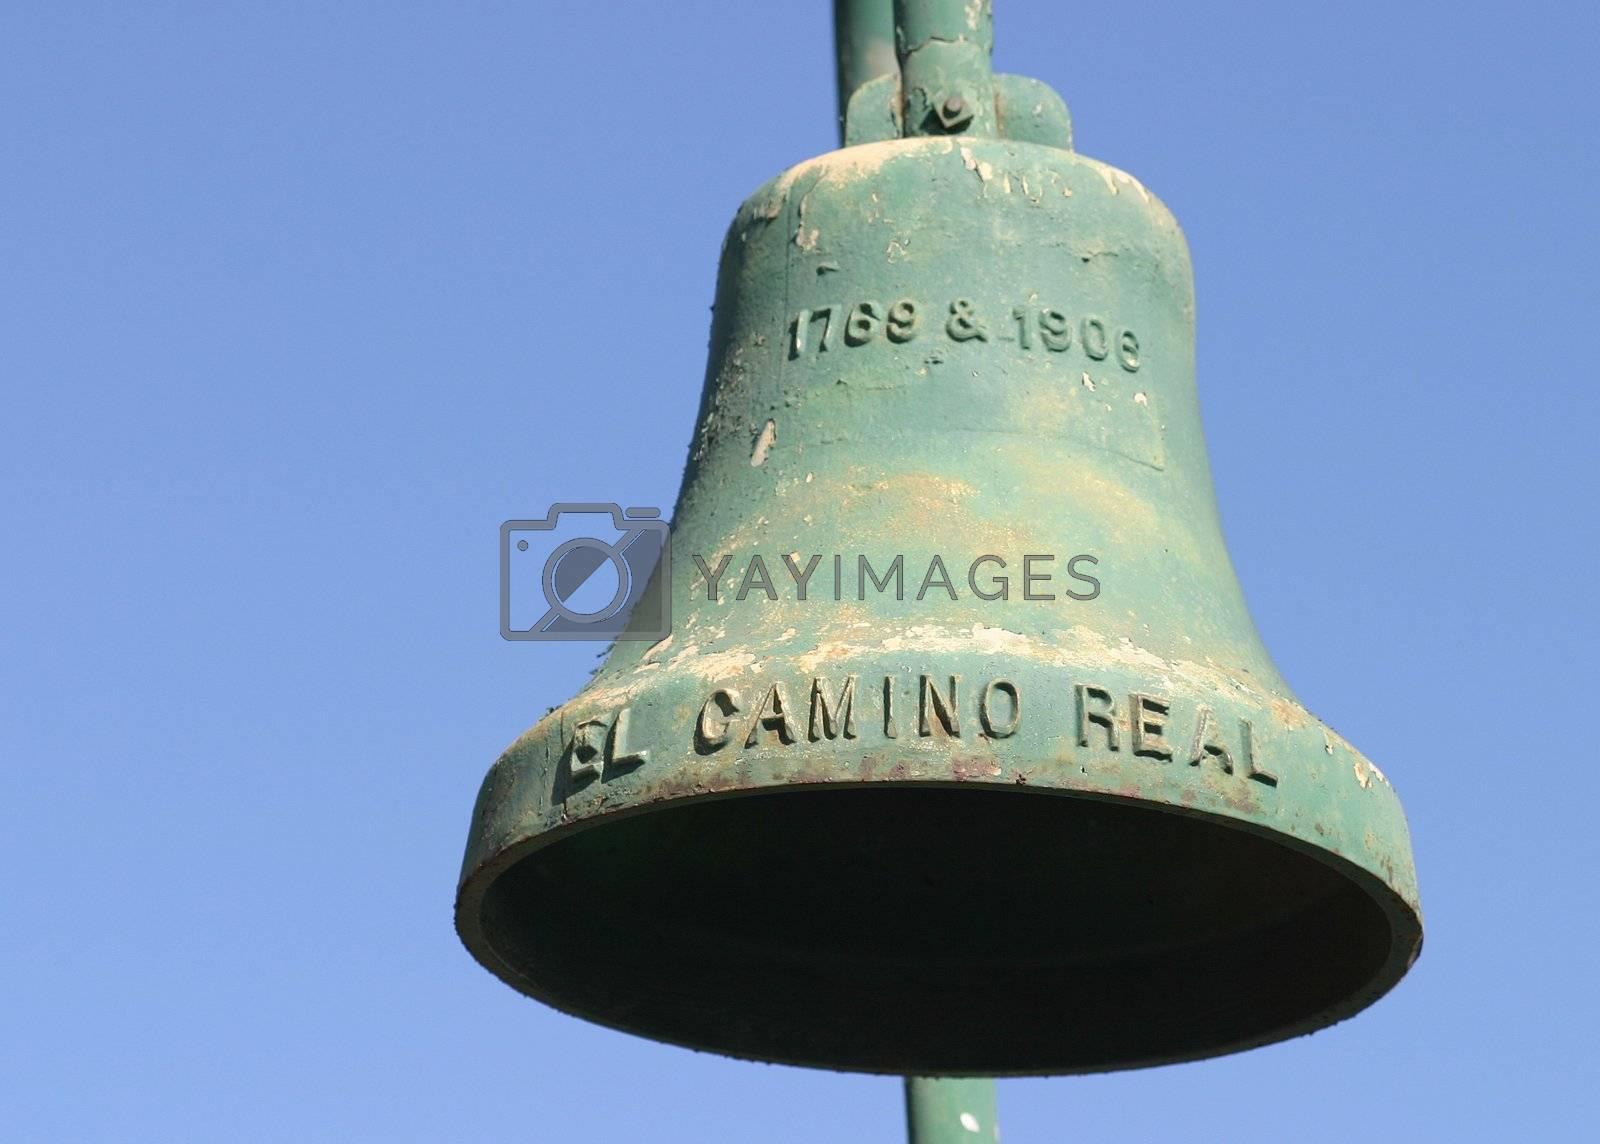 El Camino Real 1769 & 1906 by hlehnerer